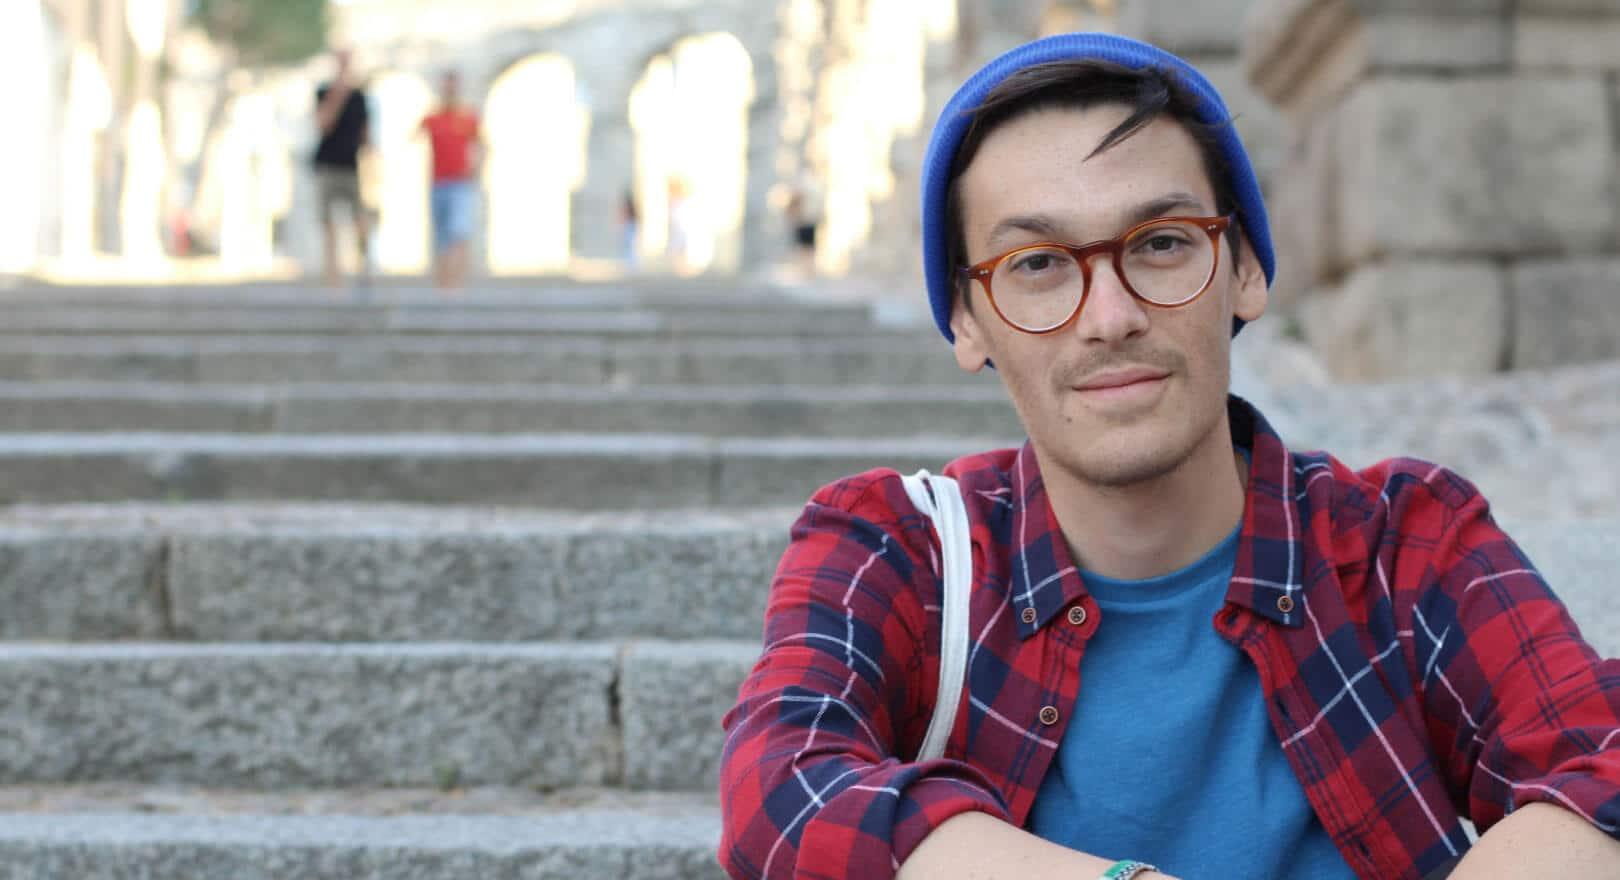 Studieren in Brasilien – Alles rund um das Auslandsstudium in Brasilien